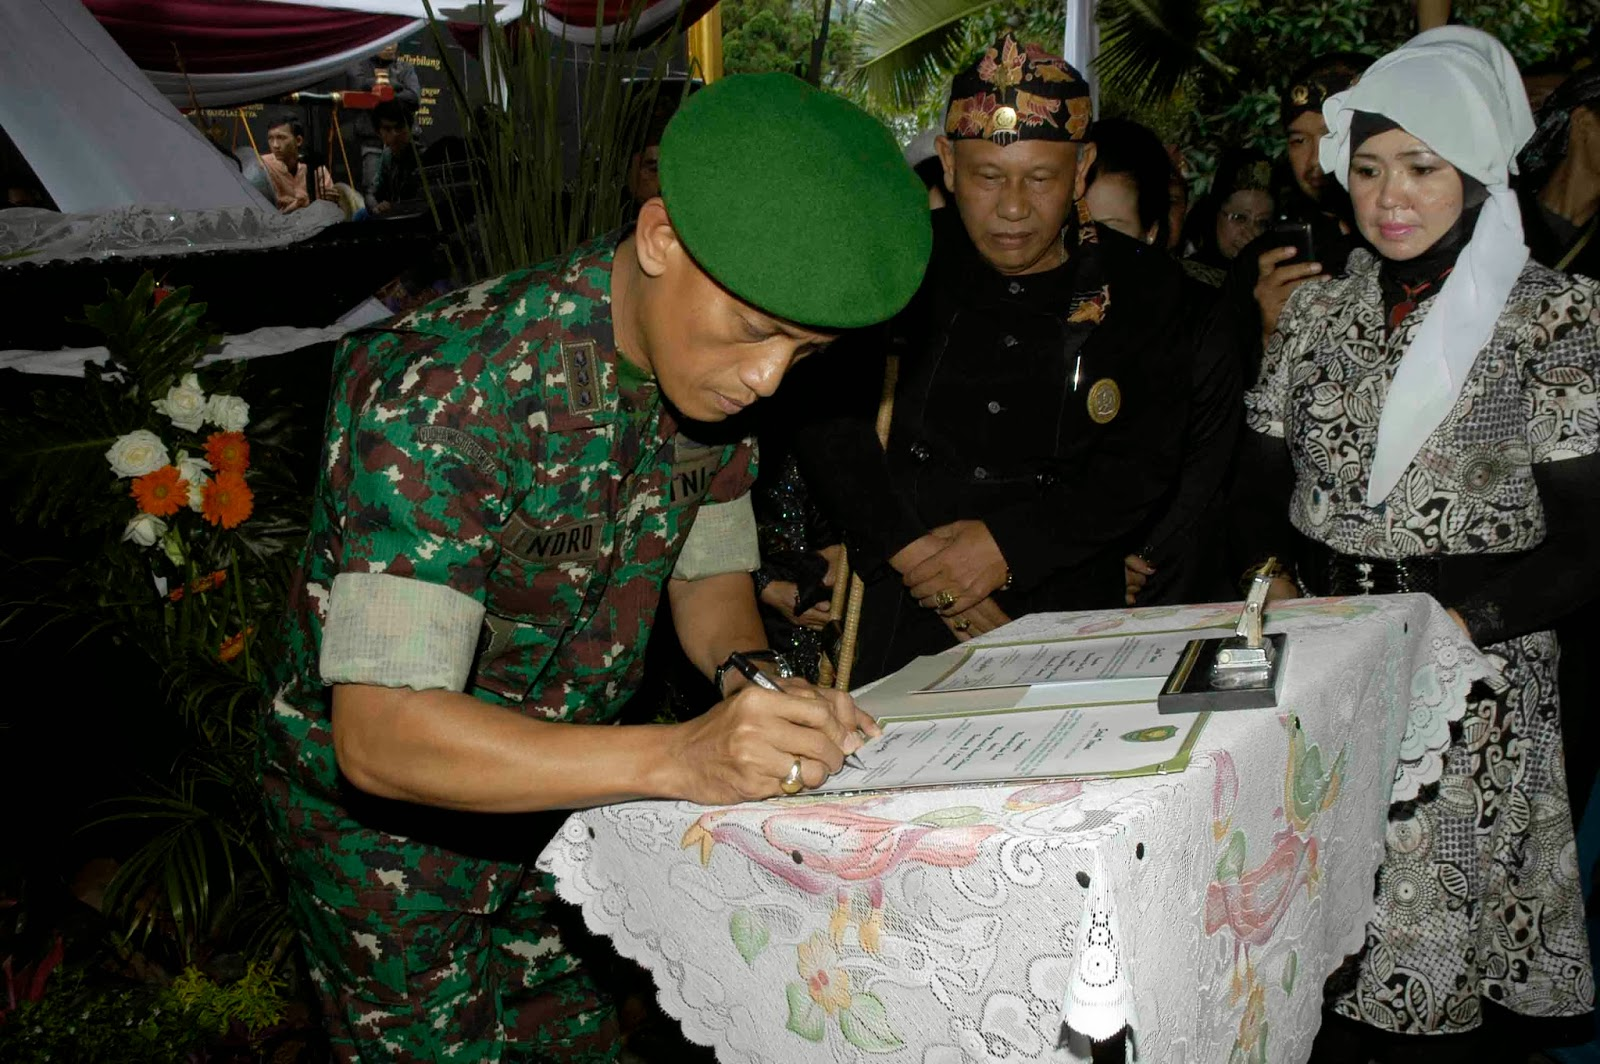 Monumen Lingga Yoni Koleksi Museum Mandala Wangsit Siliwangi Sjo Bandung